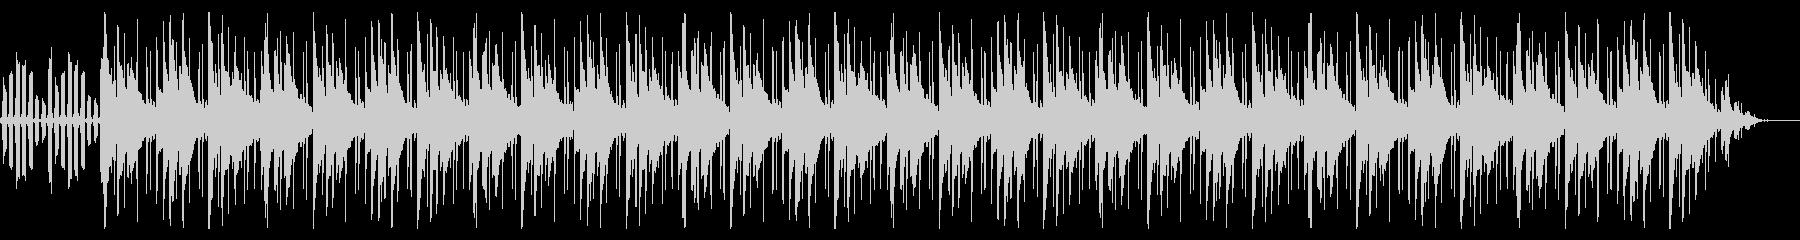 暗いビートトリップ感の未再生の波形